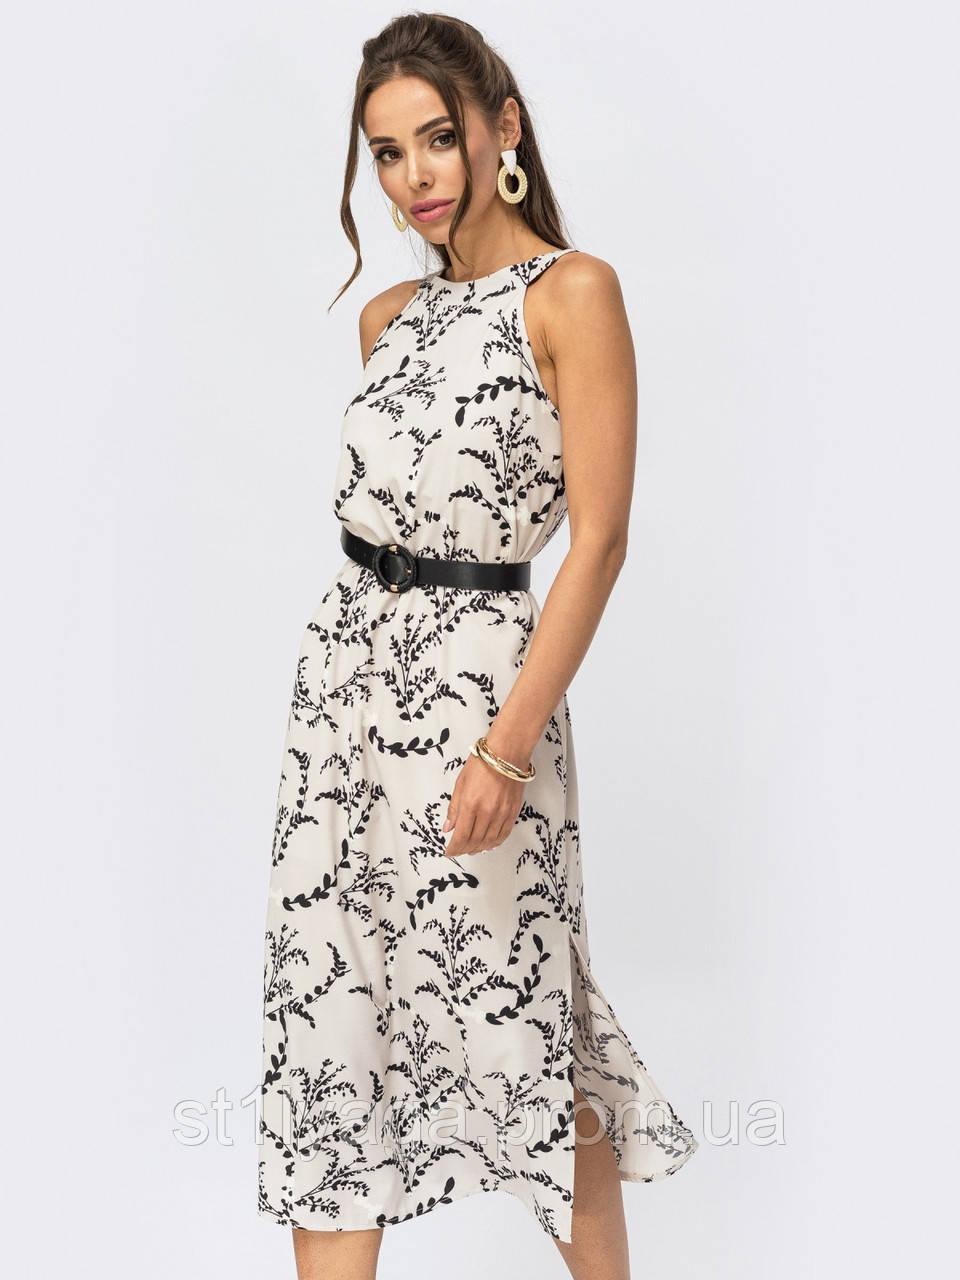 Бежеву сукню-міді з принтом ЛІТО